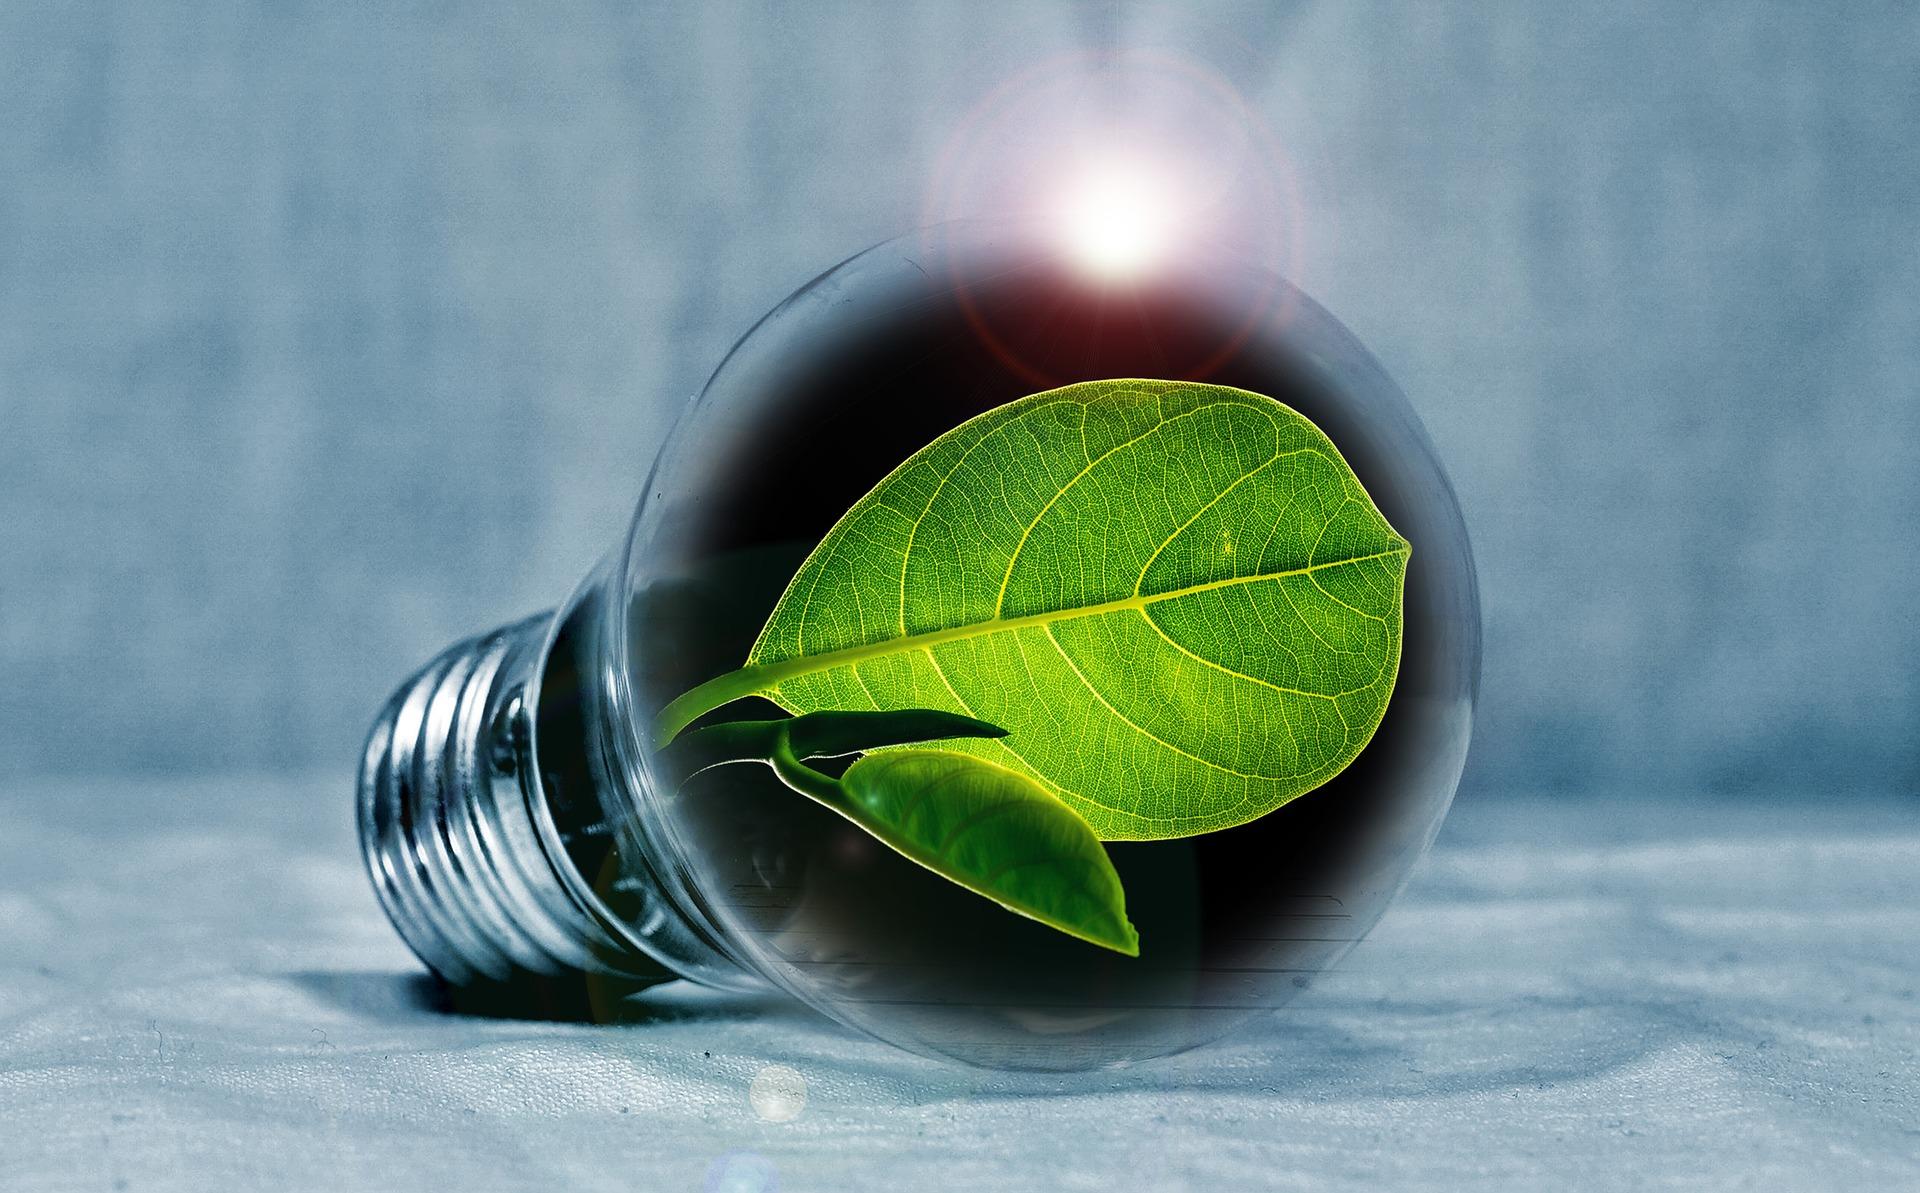 Goedkoopste energie contract. De energiekosten beperkt houden door 5 handige tips #energiekosten